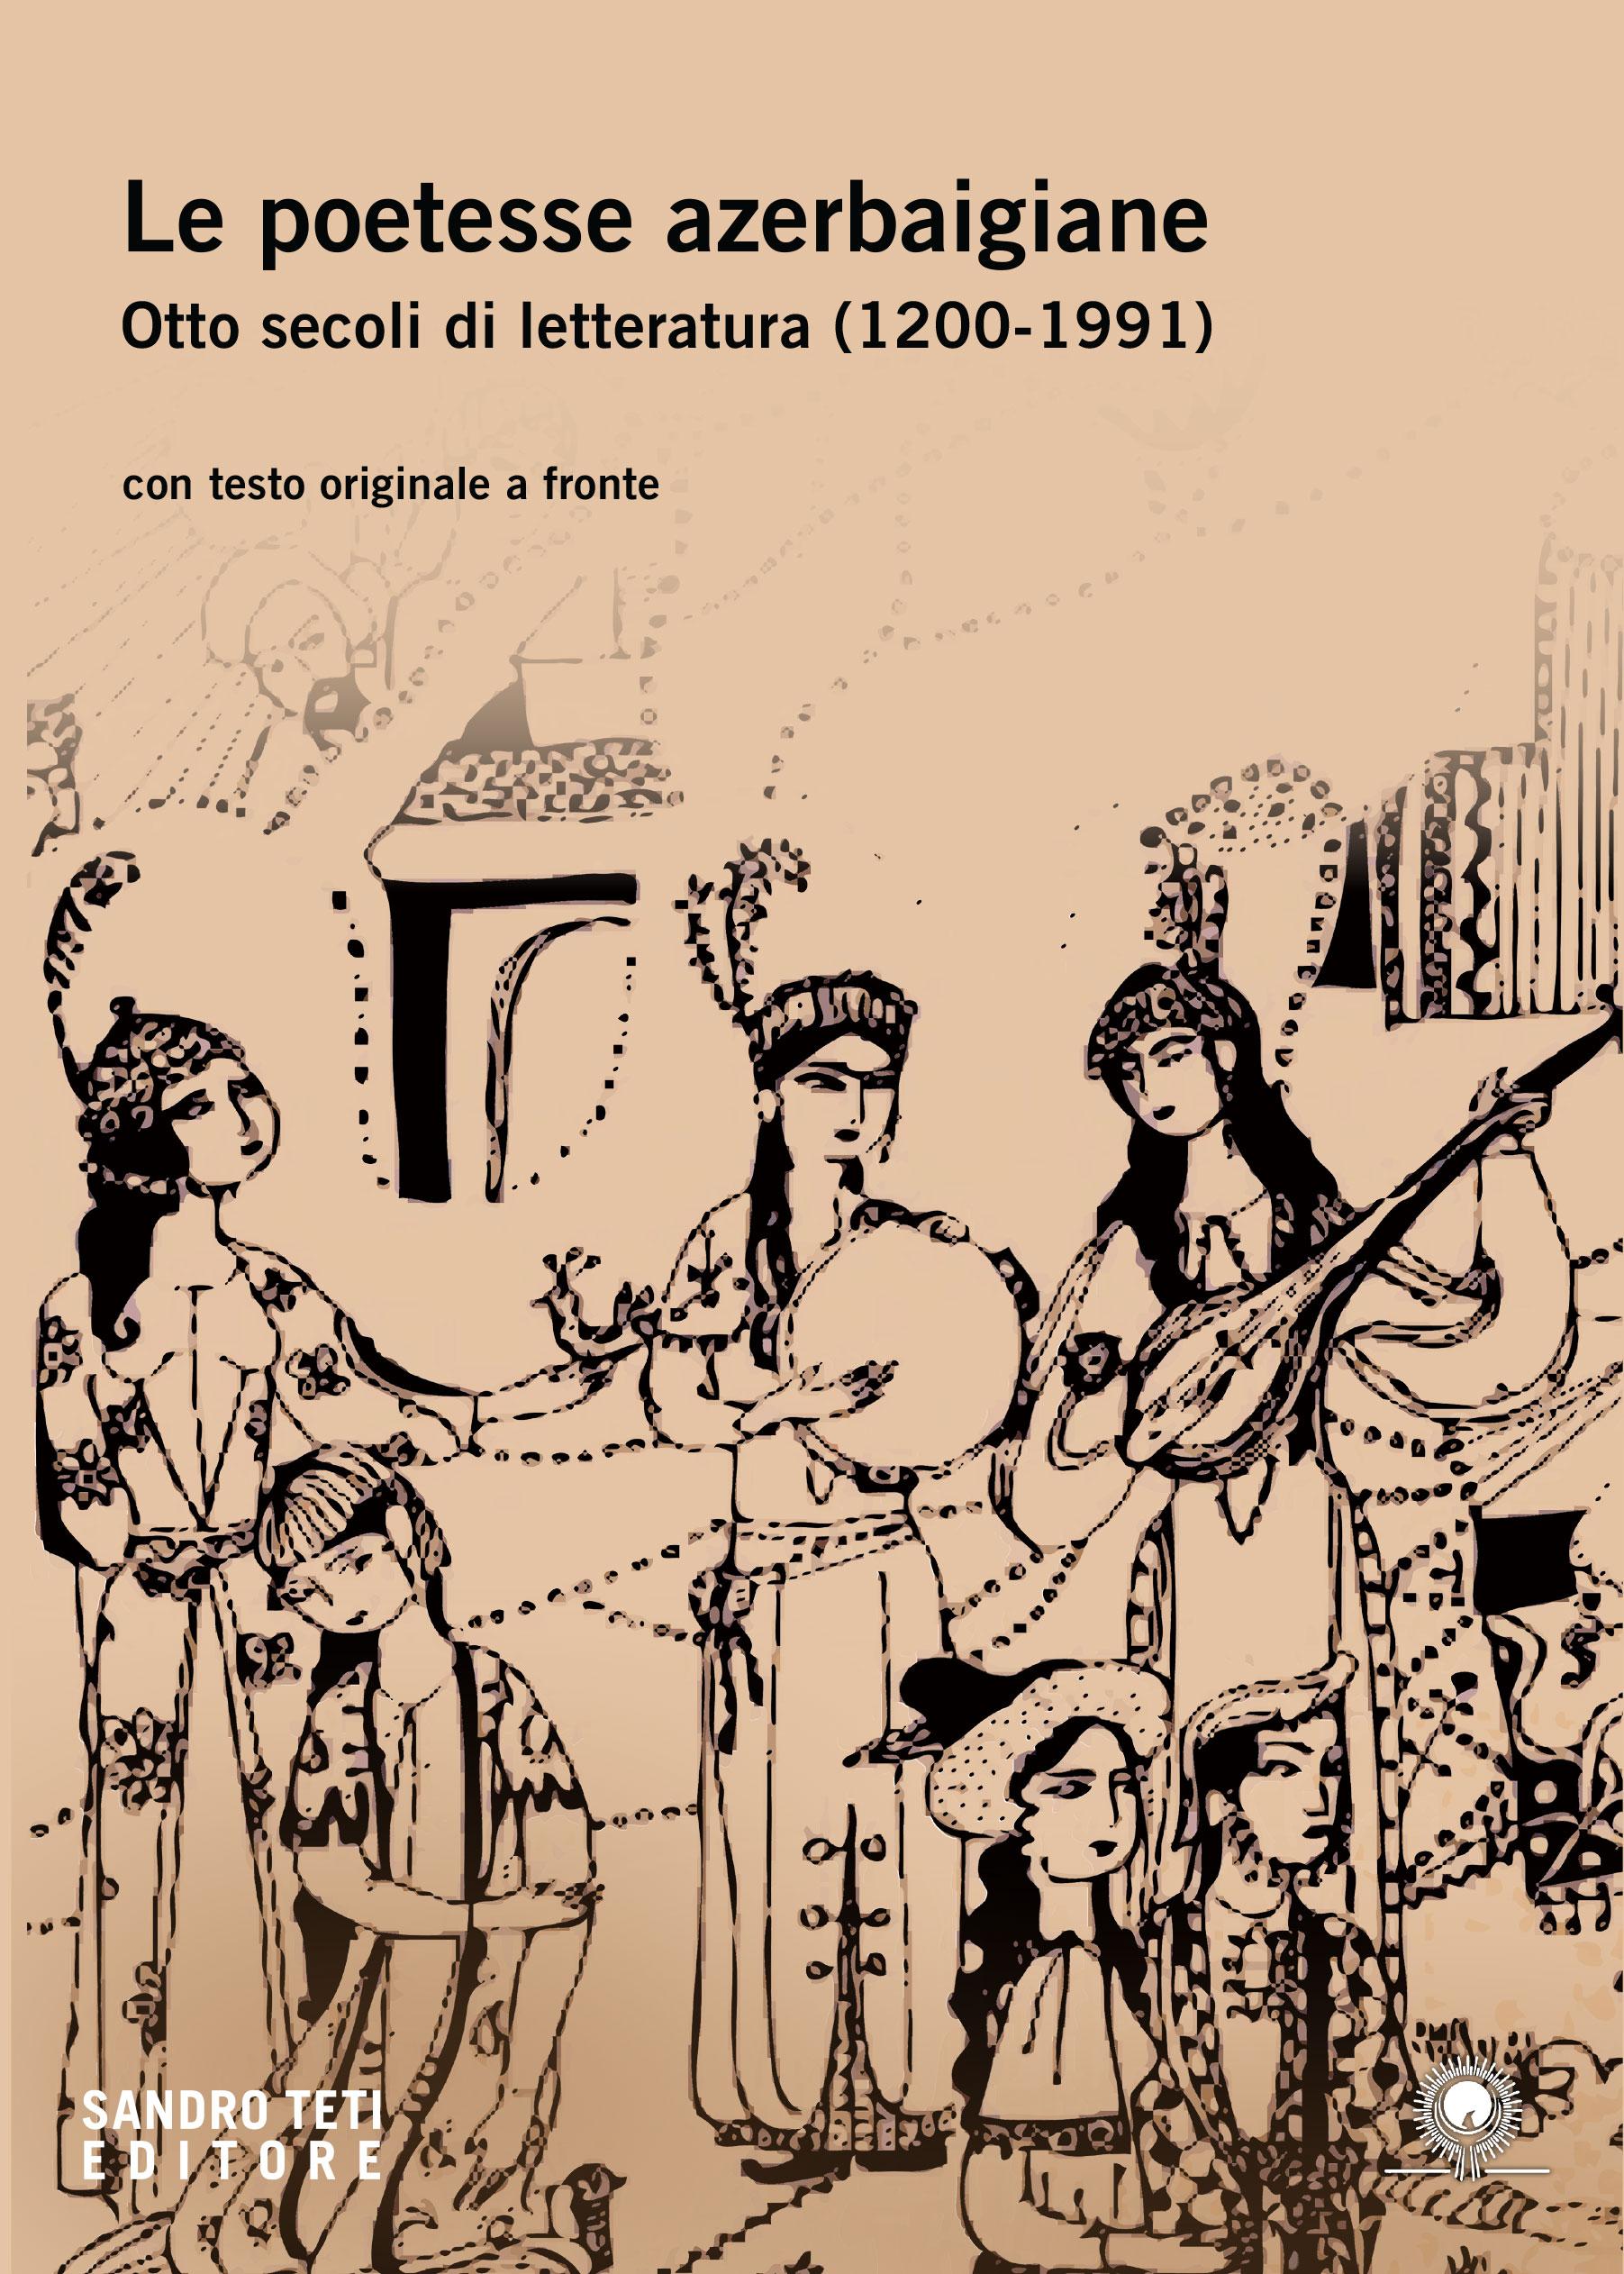 Le poetesse azerbaigiane. Otto secoli di letteratura (1200-1991)